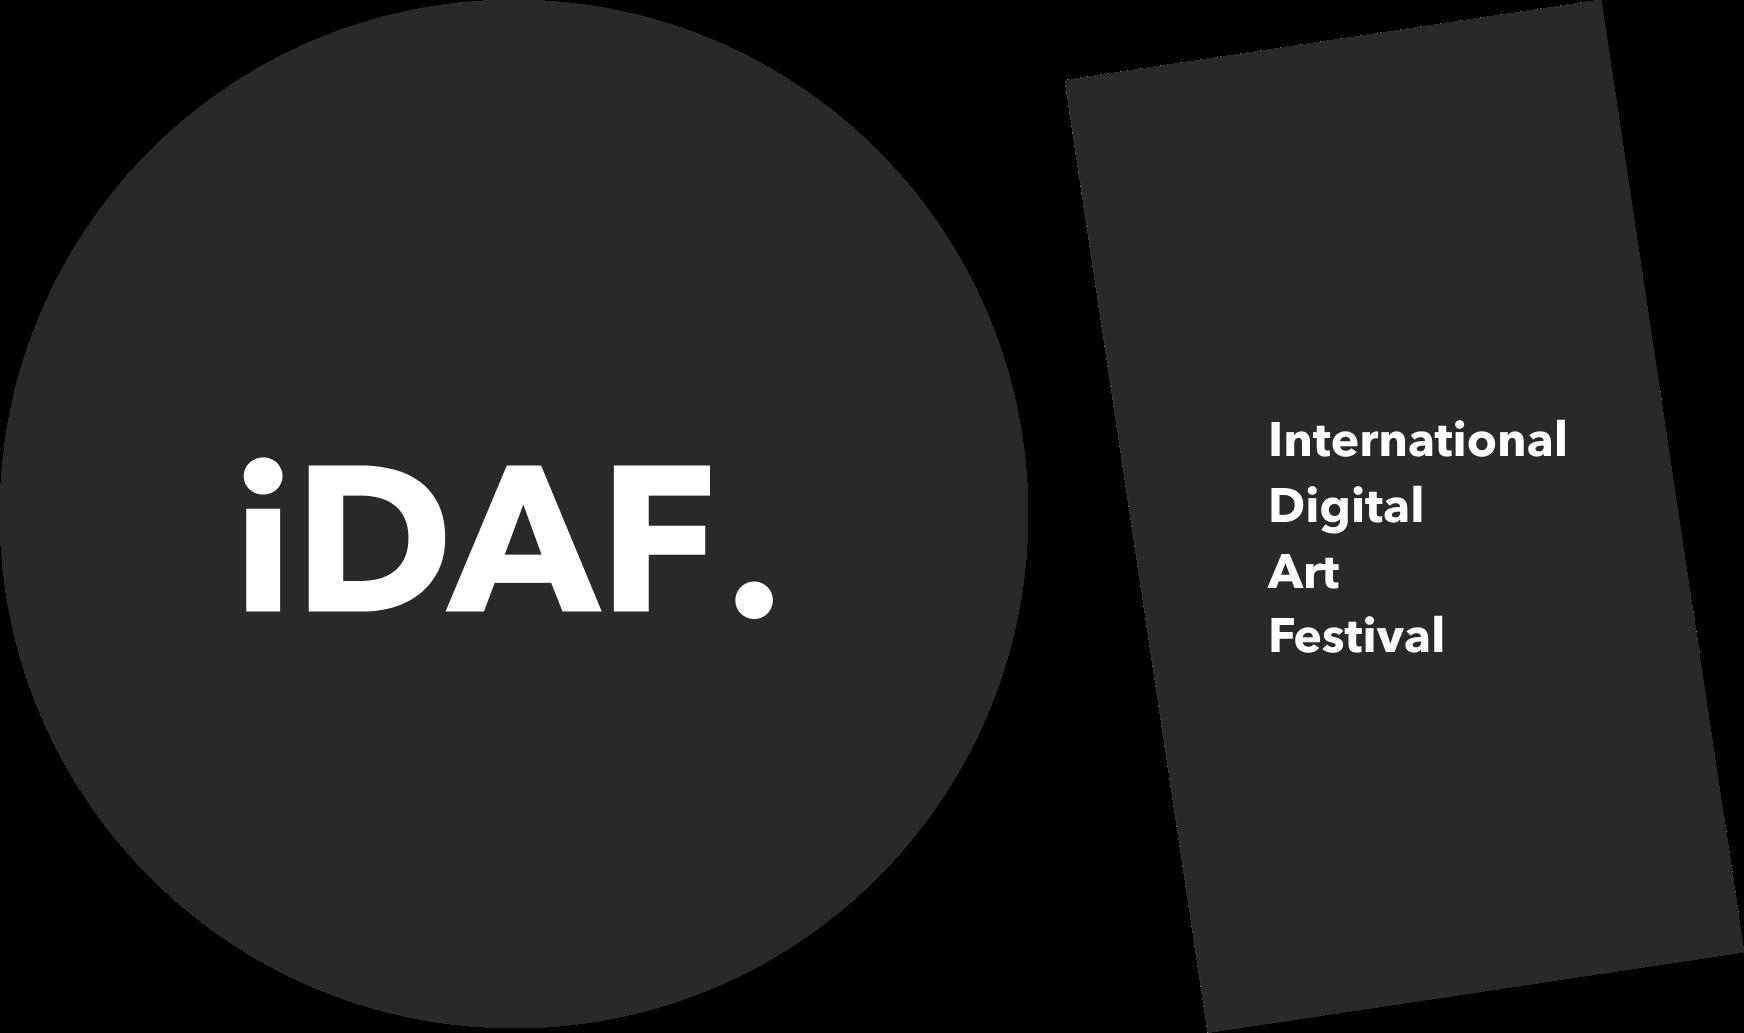 International Digital Art Festival